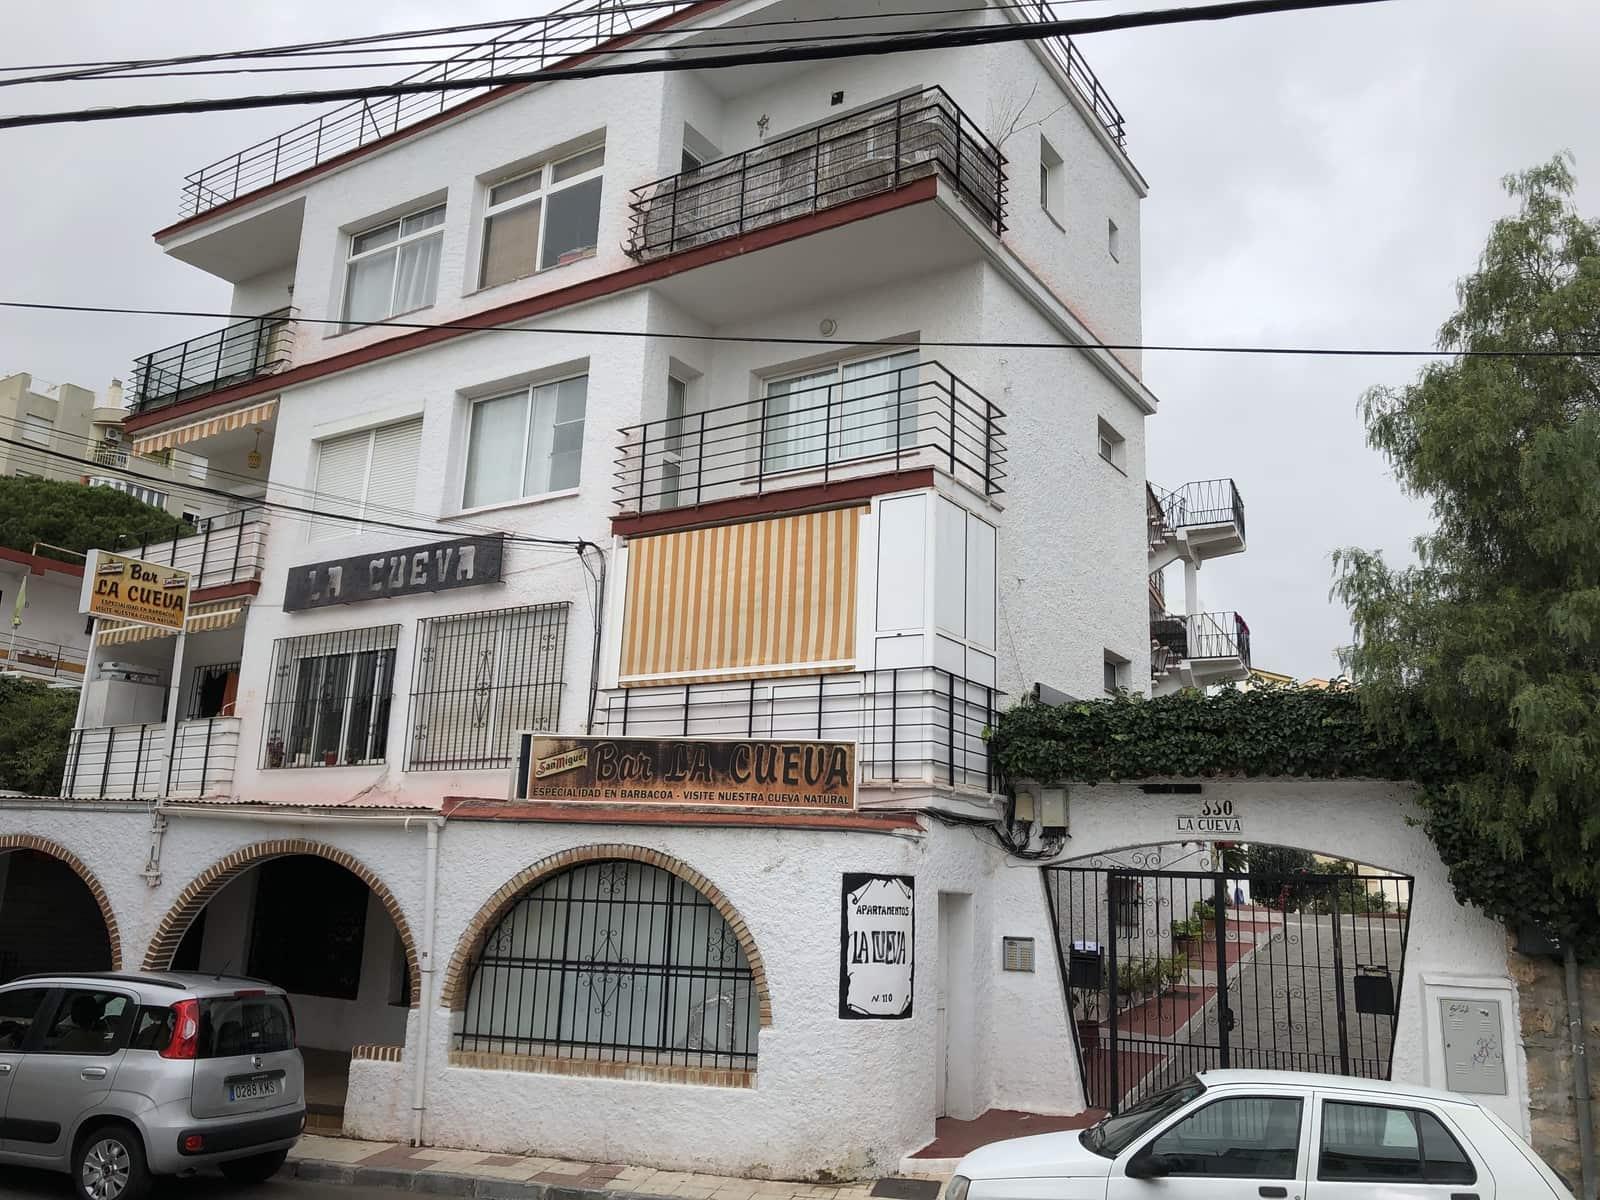 1 bedroom Apartment for sale in Torremolinos - € 99,000 (Ref: 349973)